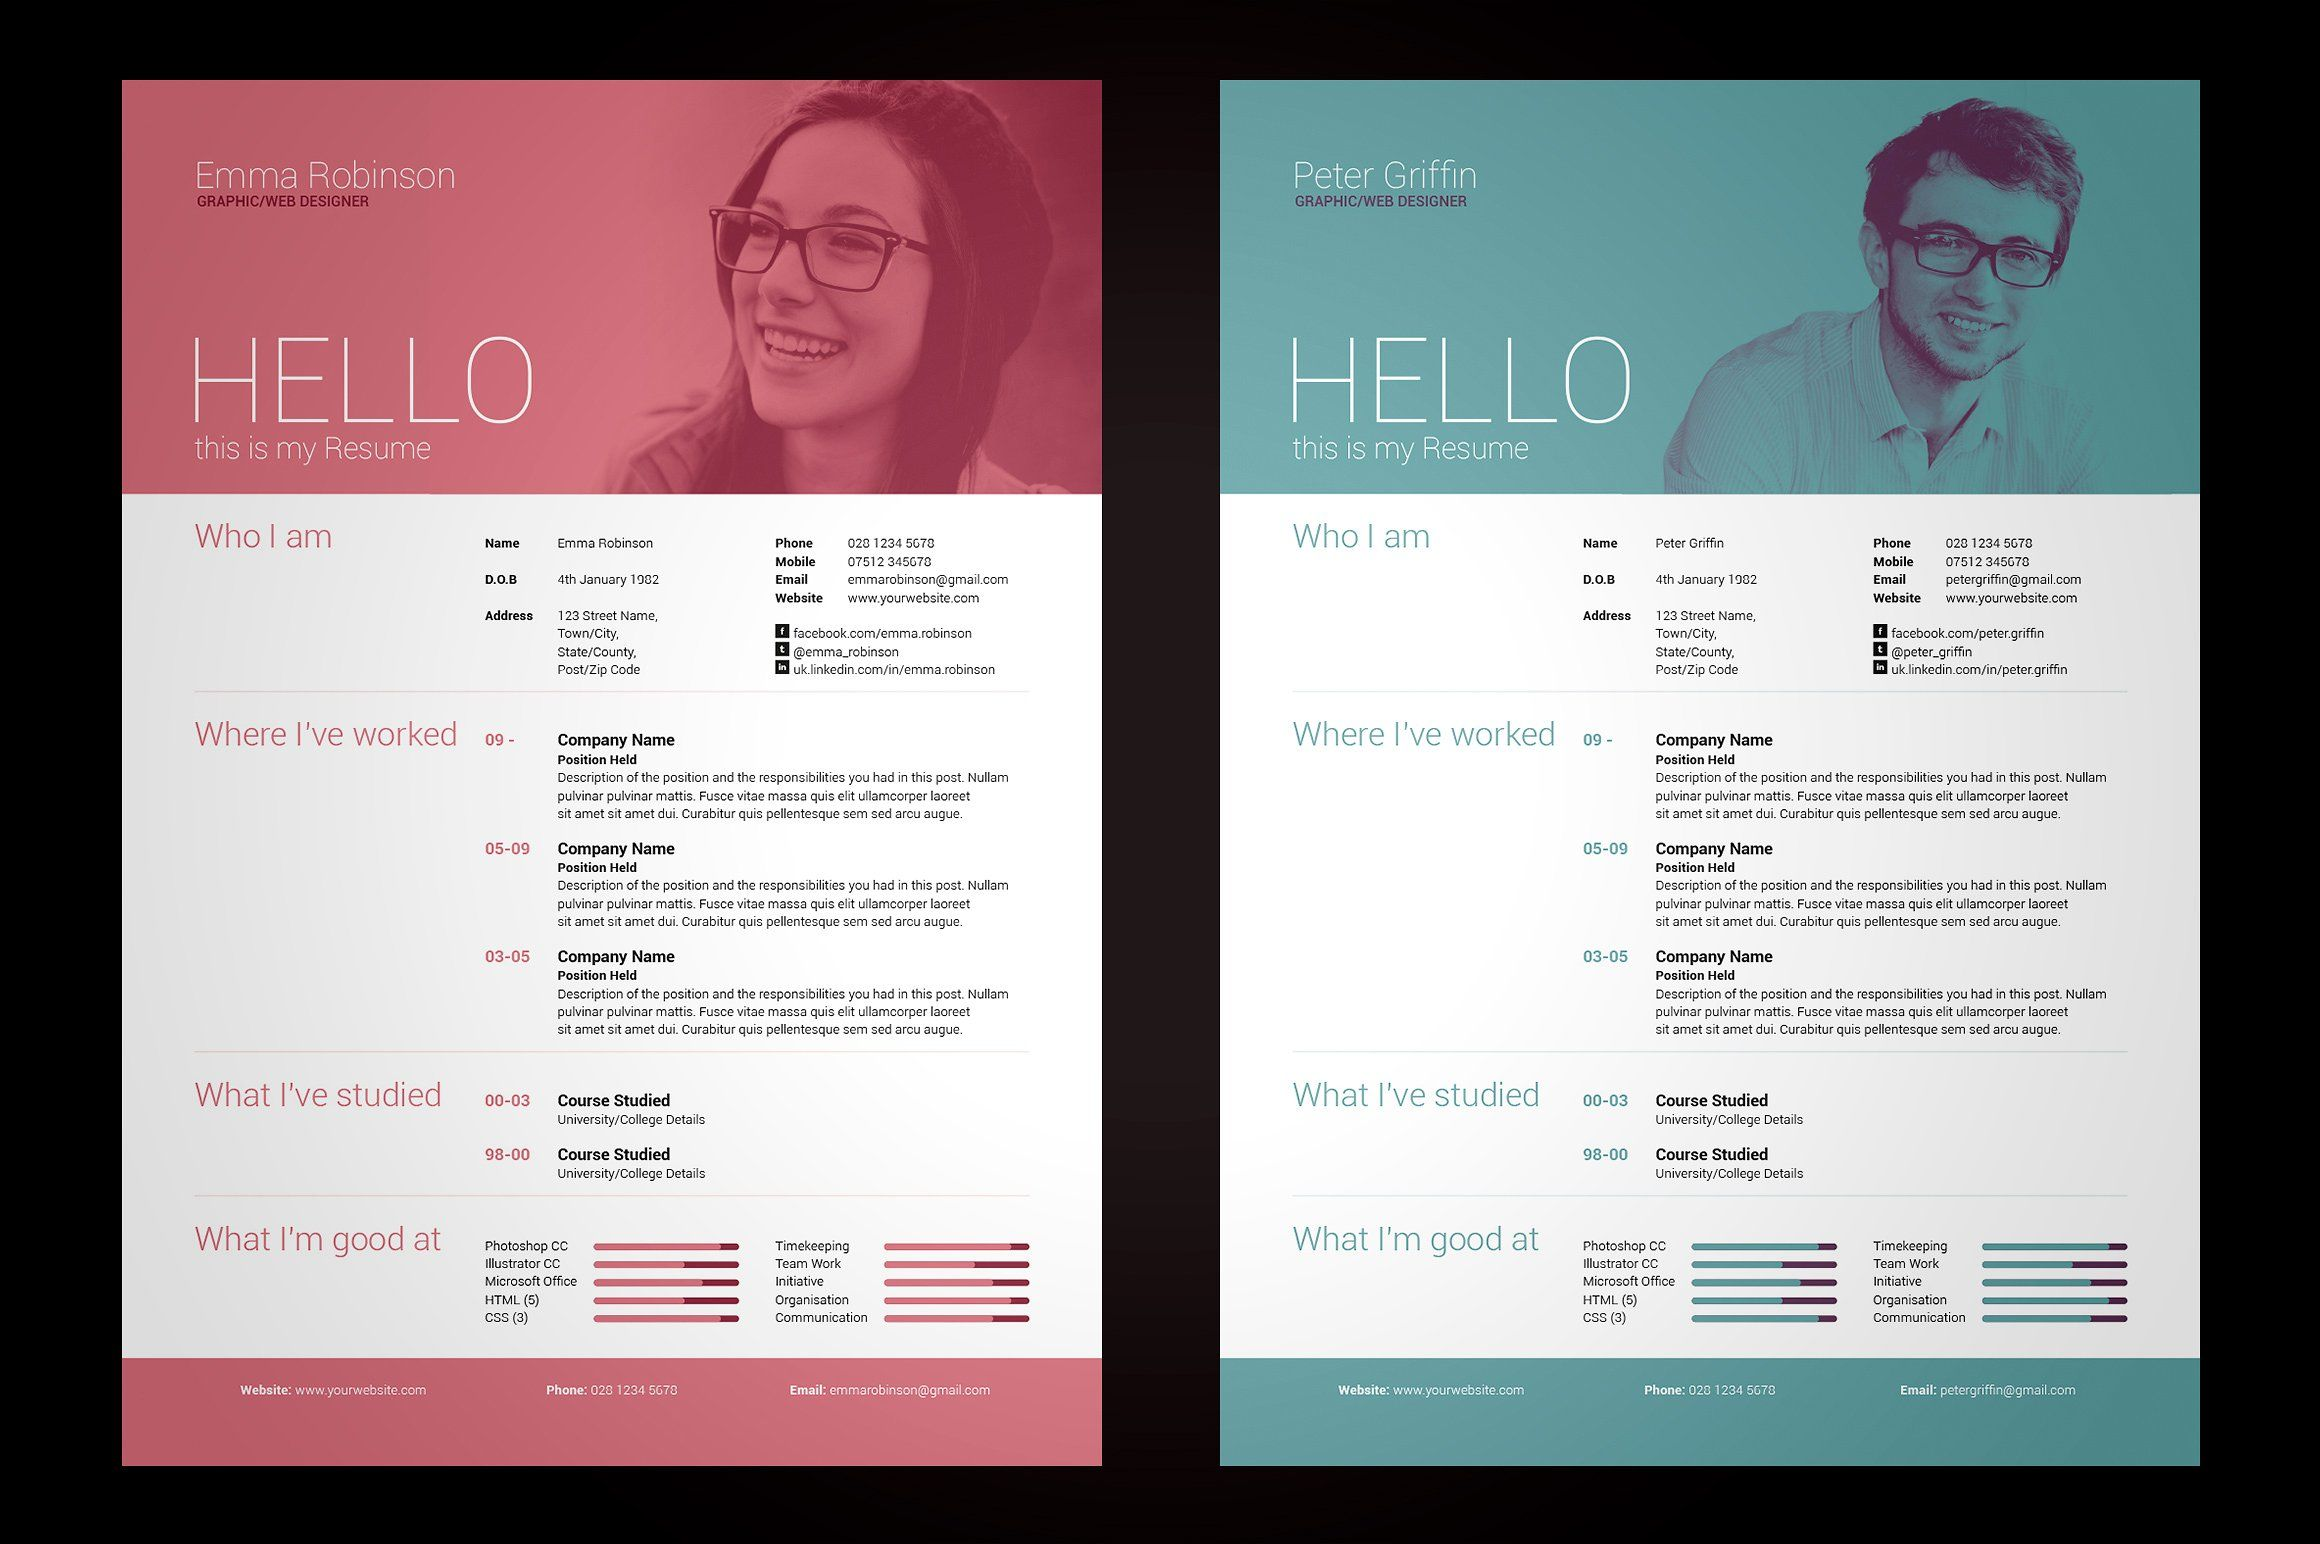 My Resume V By Bilmaw Creative On Creativemarket  Resume